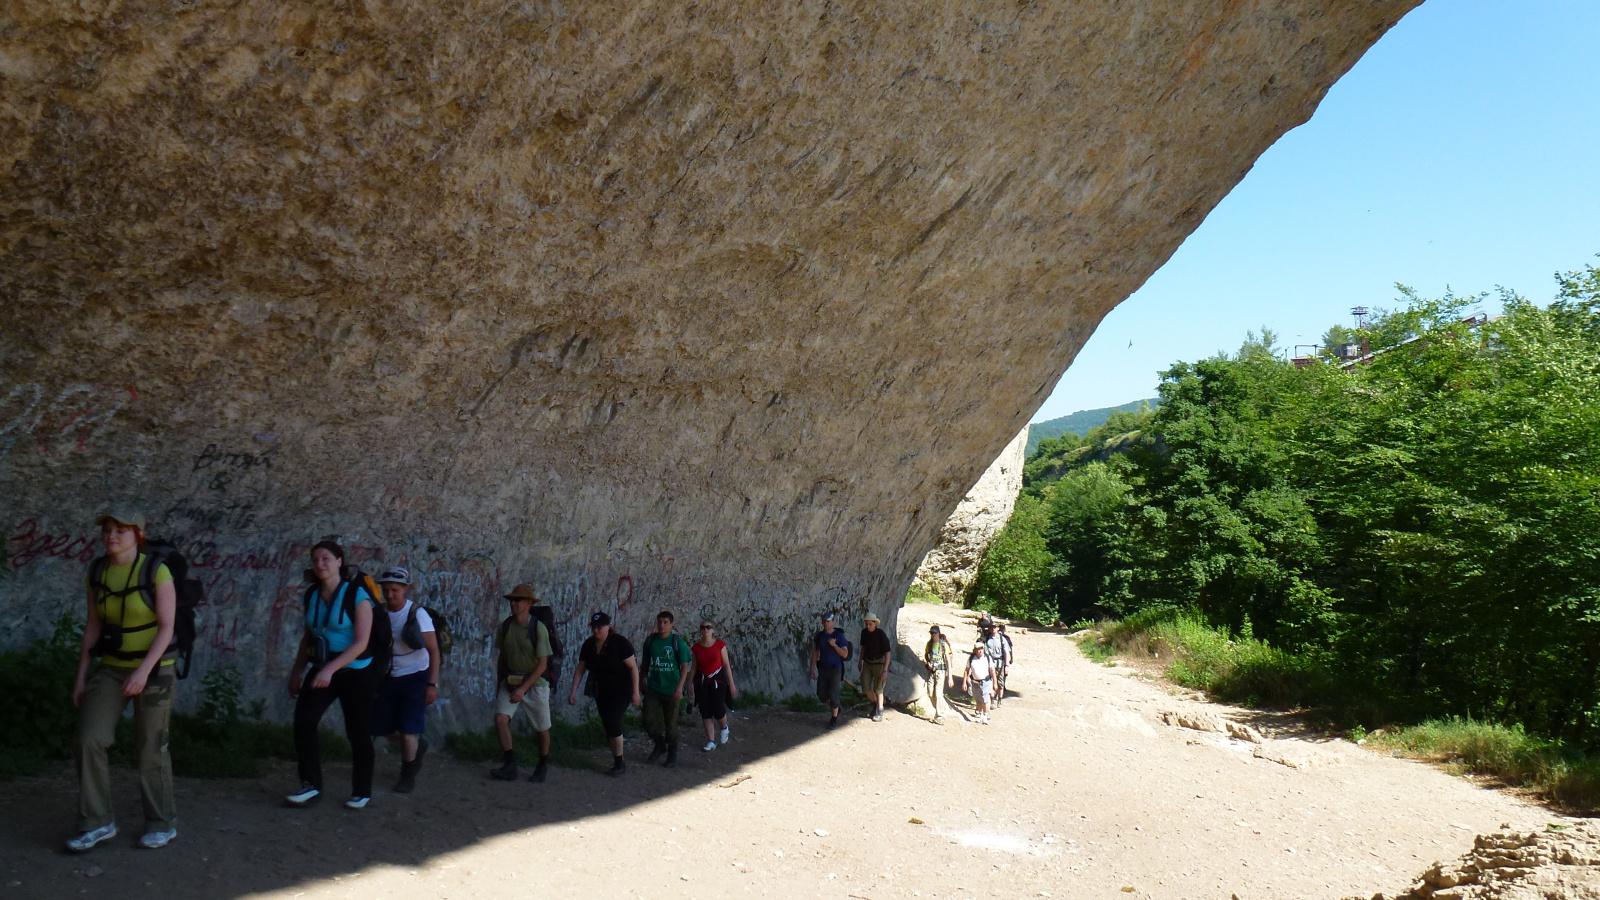 Фото похода в ущелье Руфабго. Хажох - это удивительное сочетание солнца, скалистых теснин с изумрудными водопадами, фантастическими пещерами. Хаджох очаровывает своим неповторимым разнообразием. Его величие и красота воспеты в эпосе.